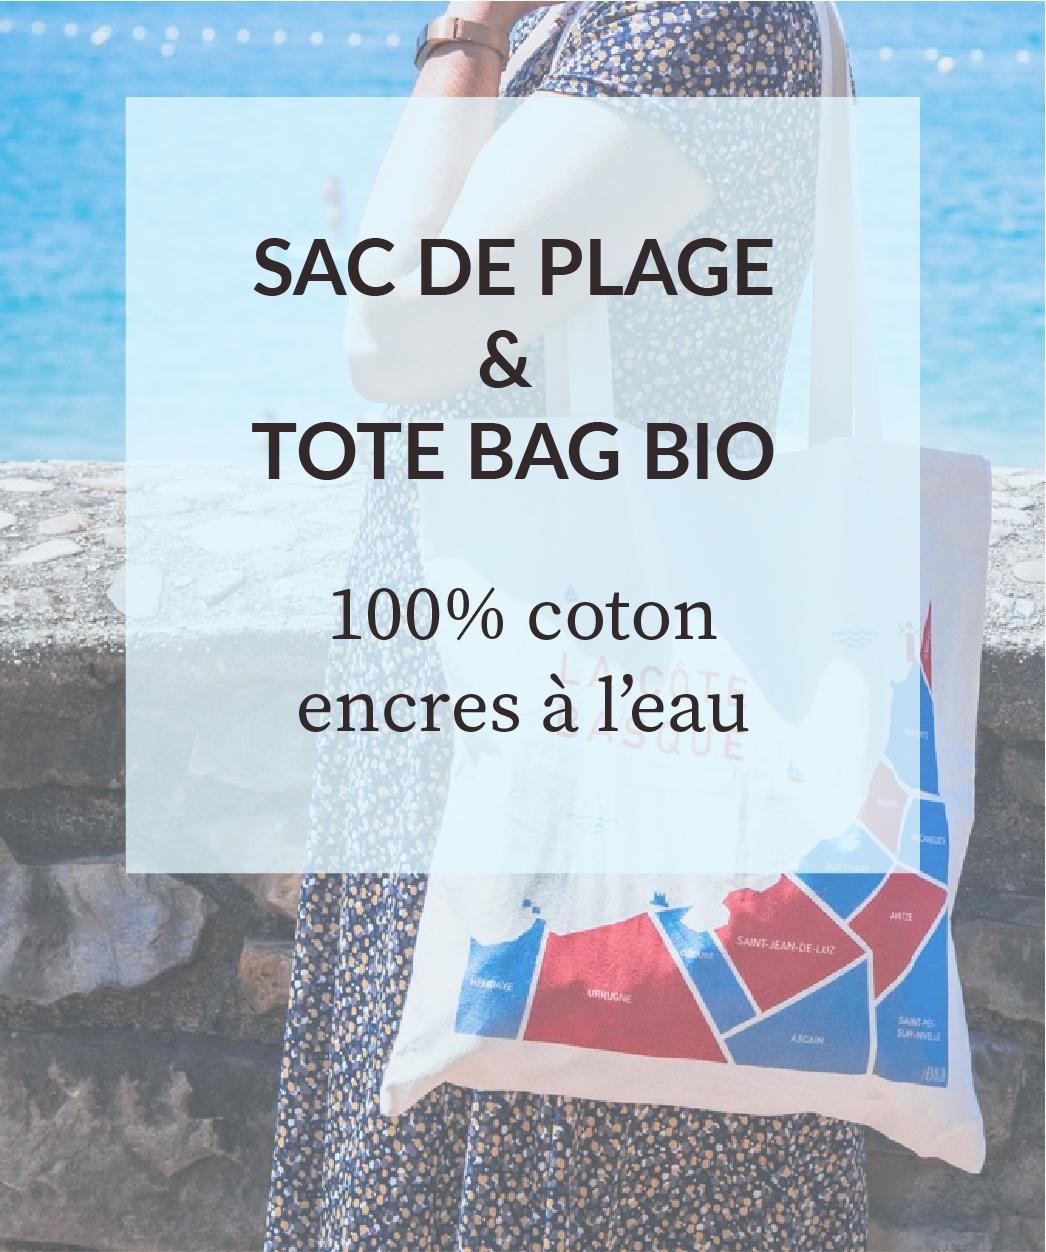 sac@2x-100